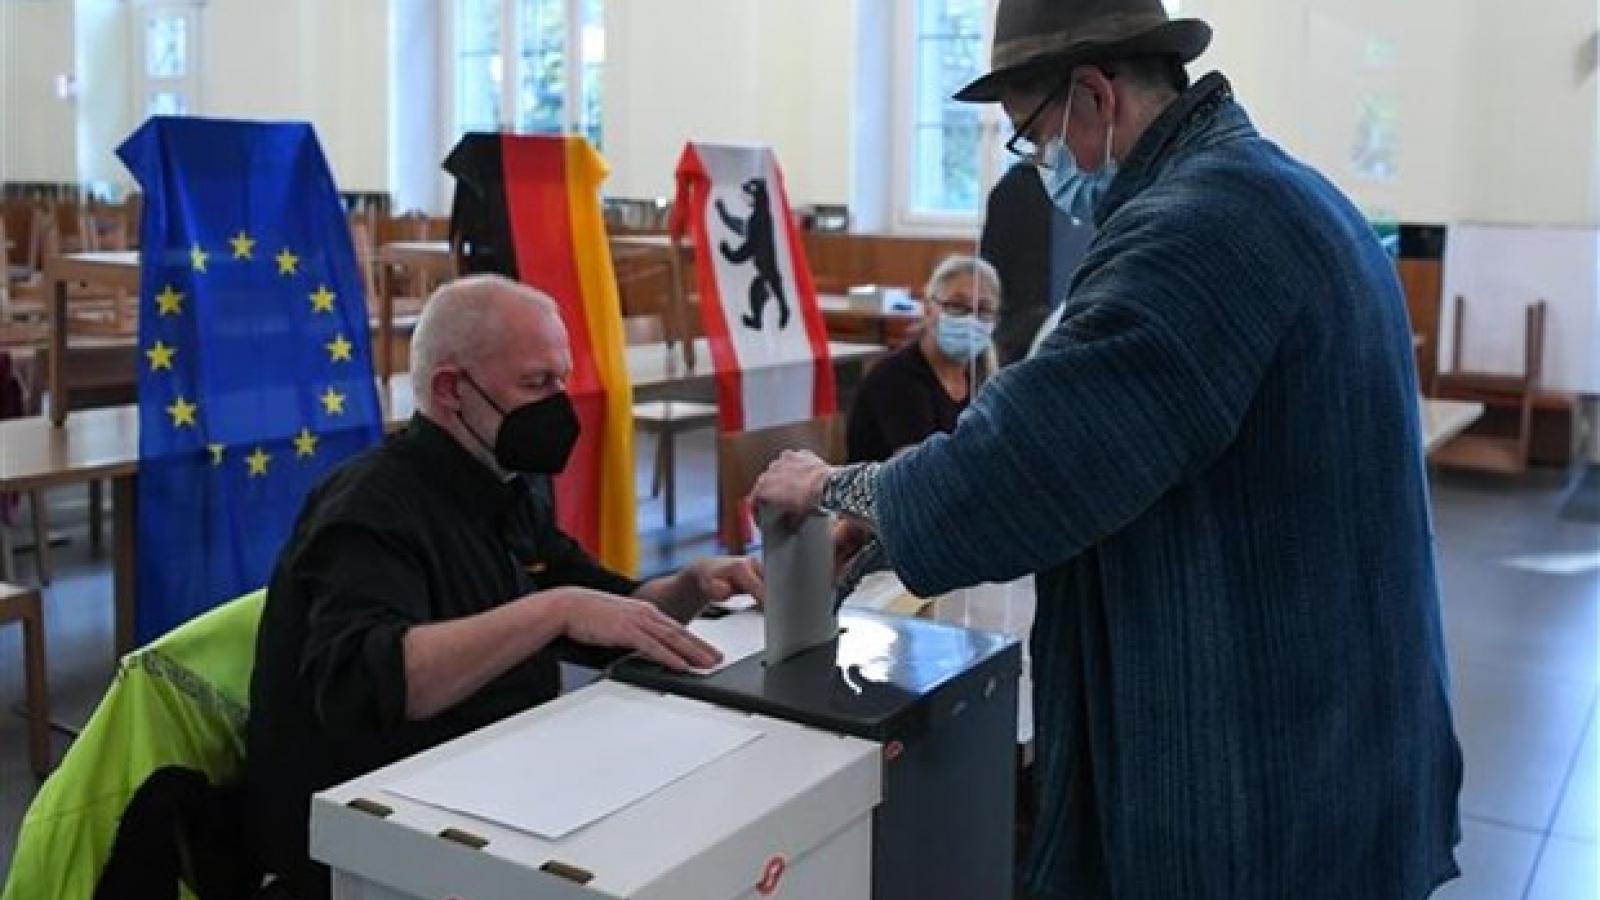 Bầu cử Đức: SPD giành chiến thắng nhưng đảng của bà Merkel vẫn chưa hết cơ hội